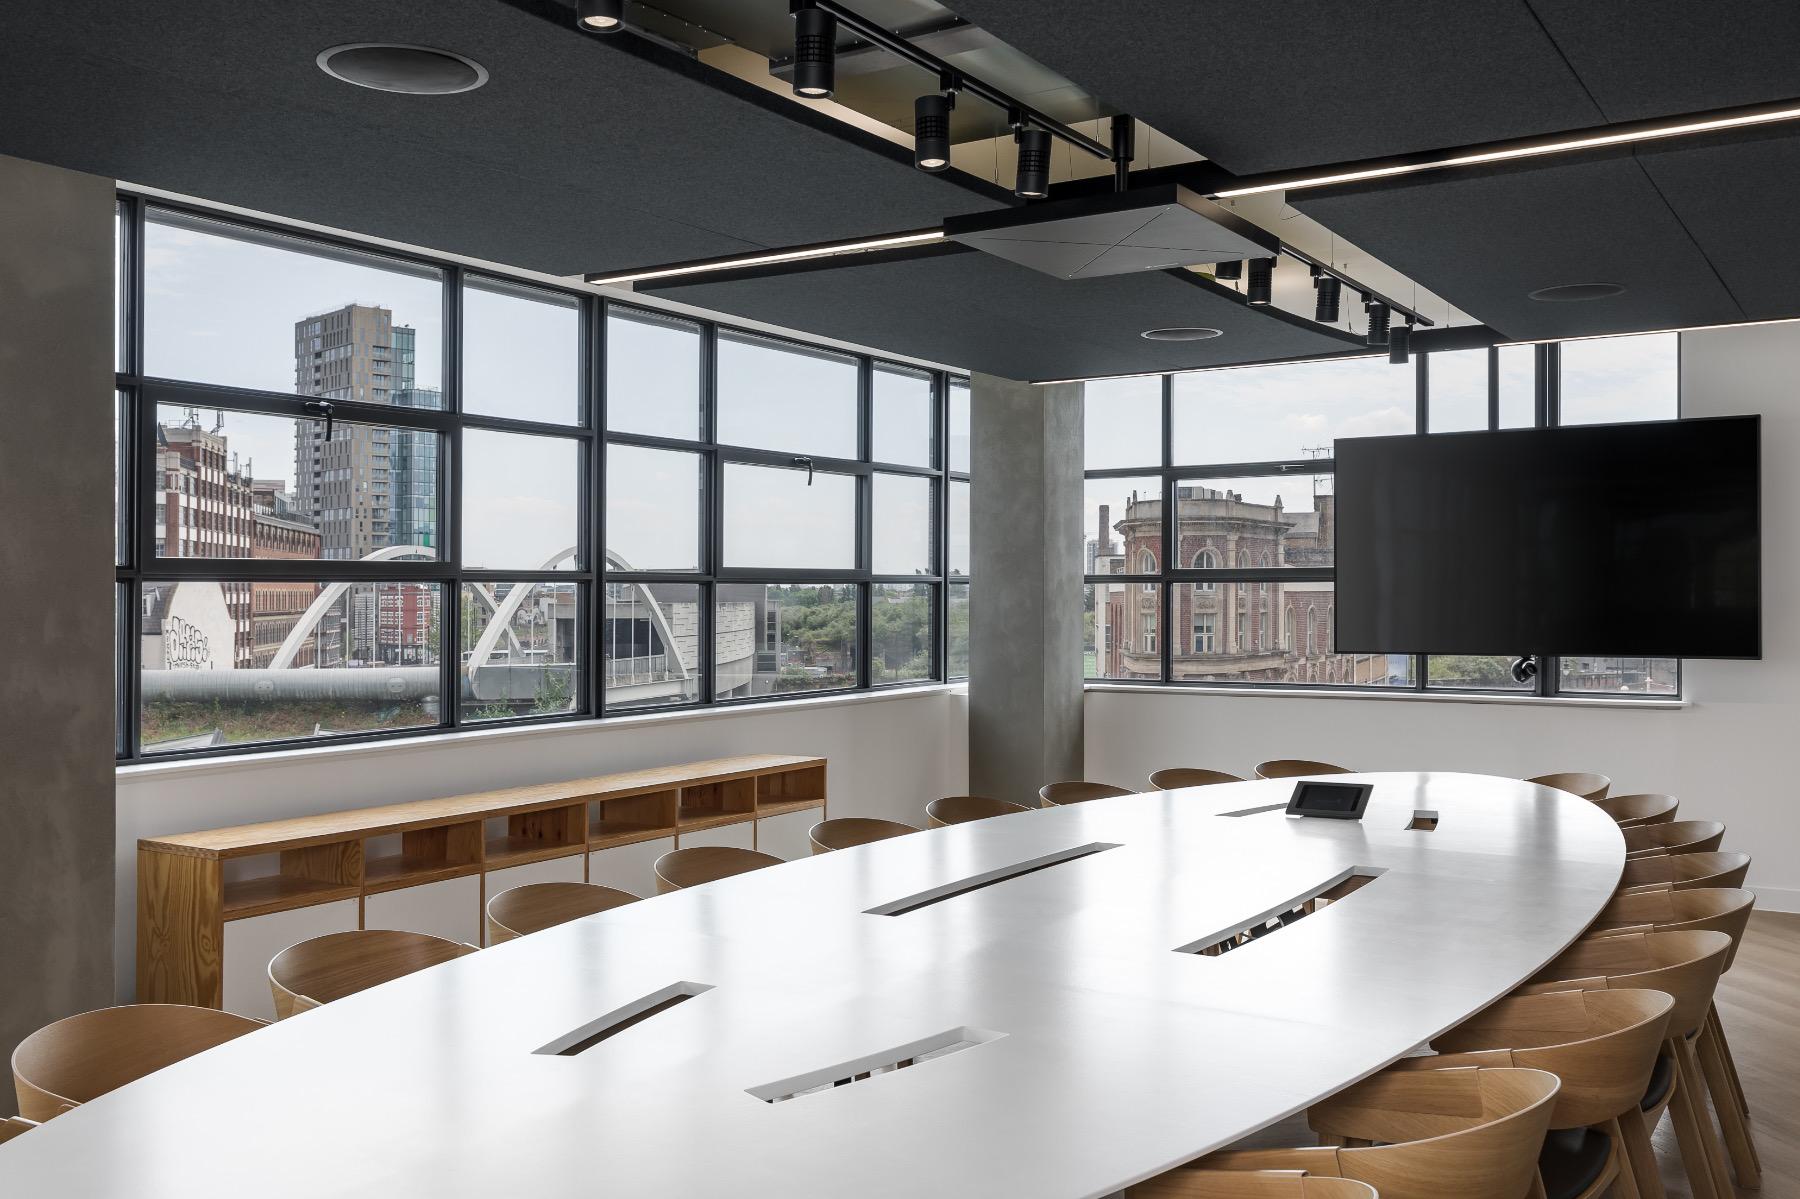 mccglc-london-office-8